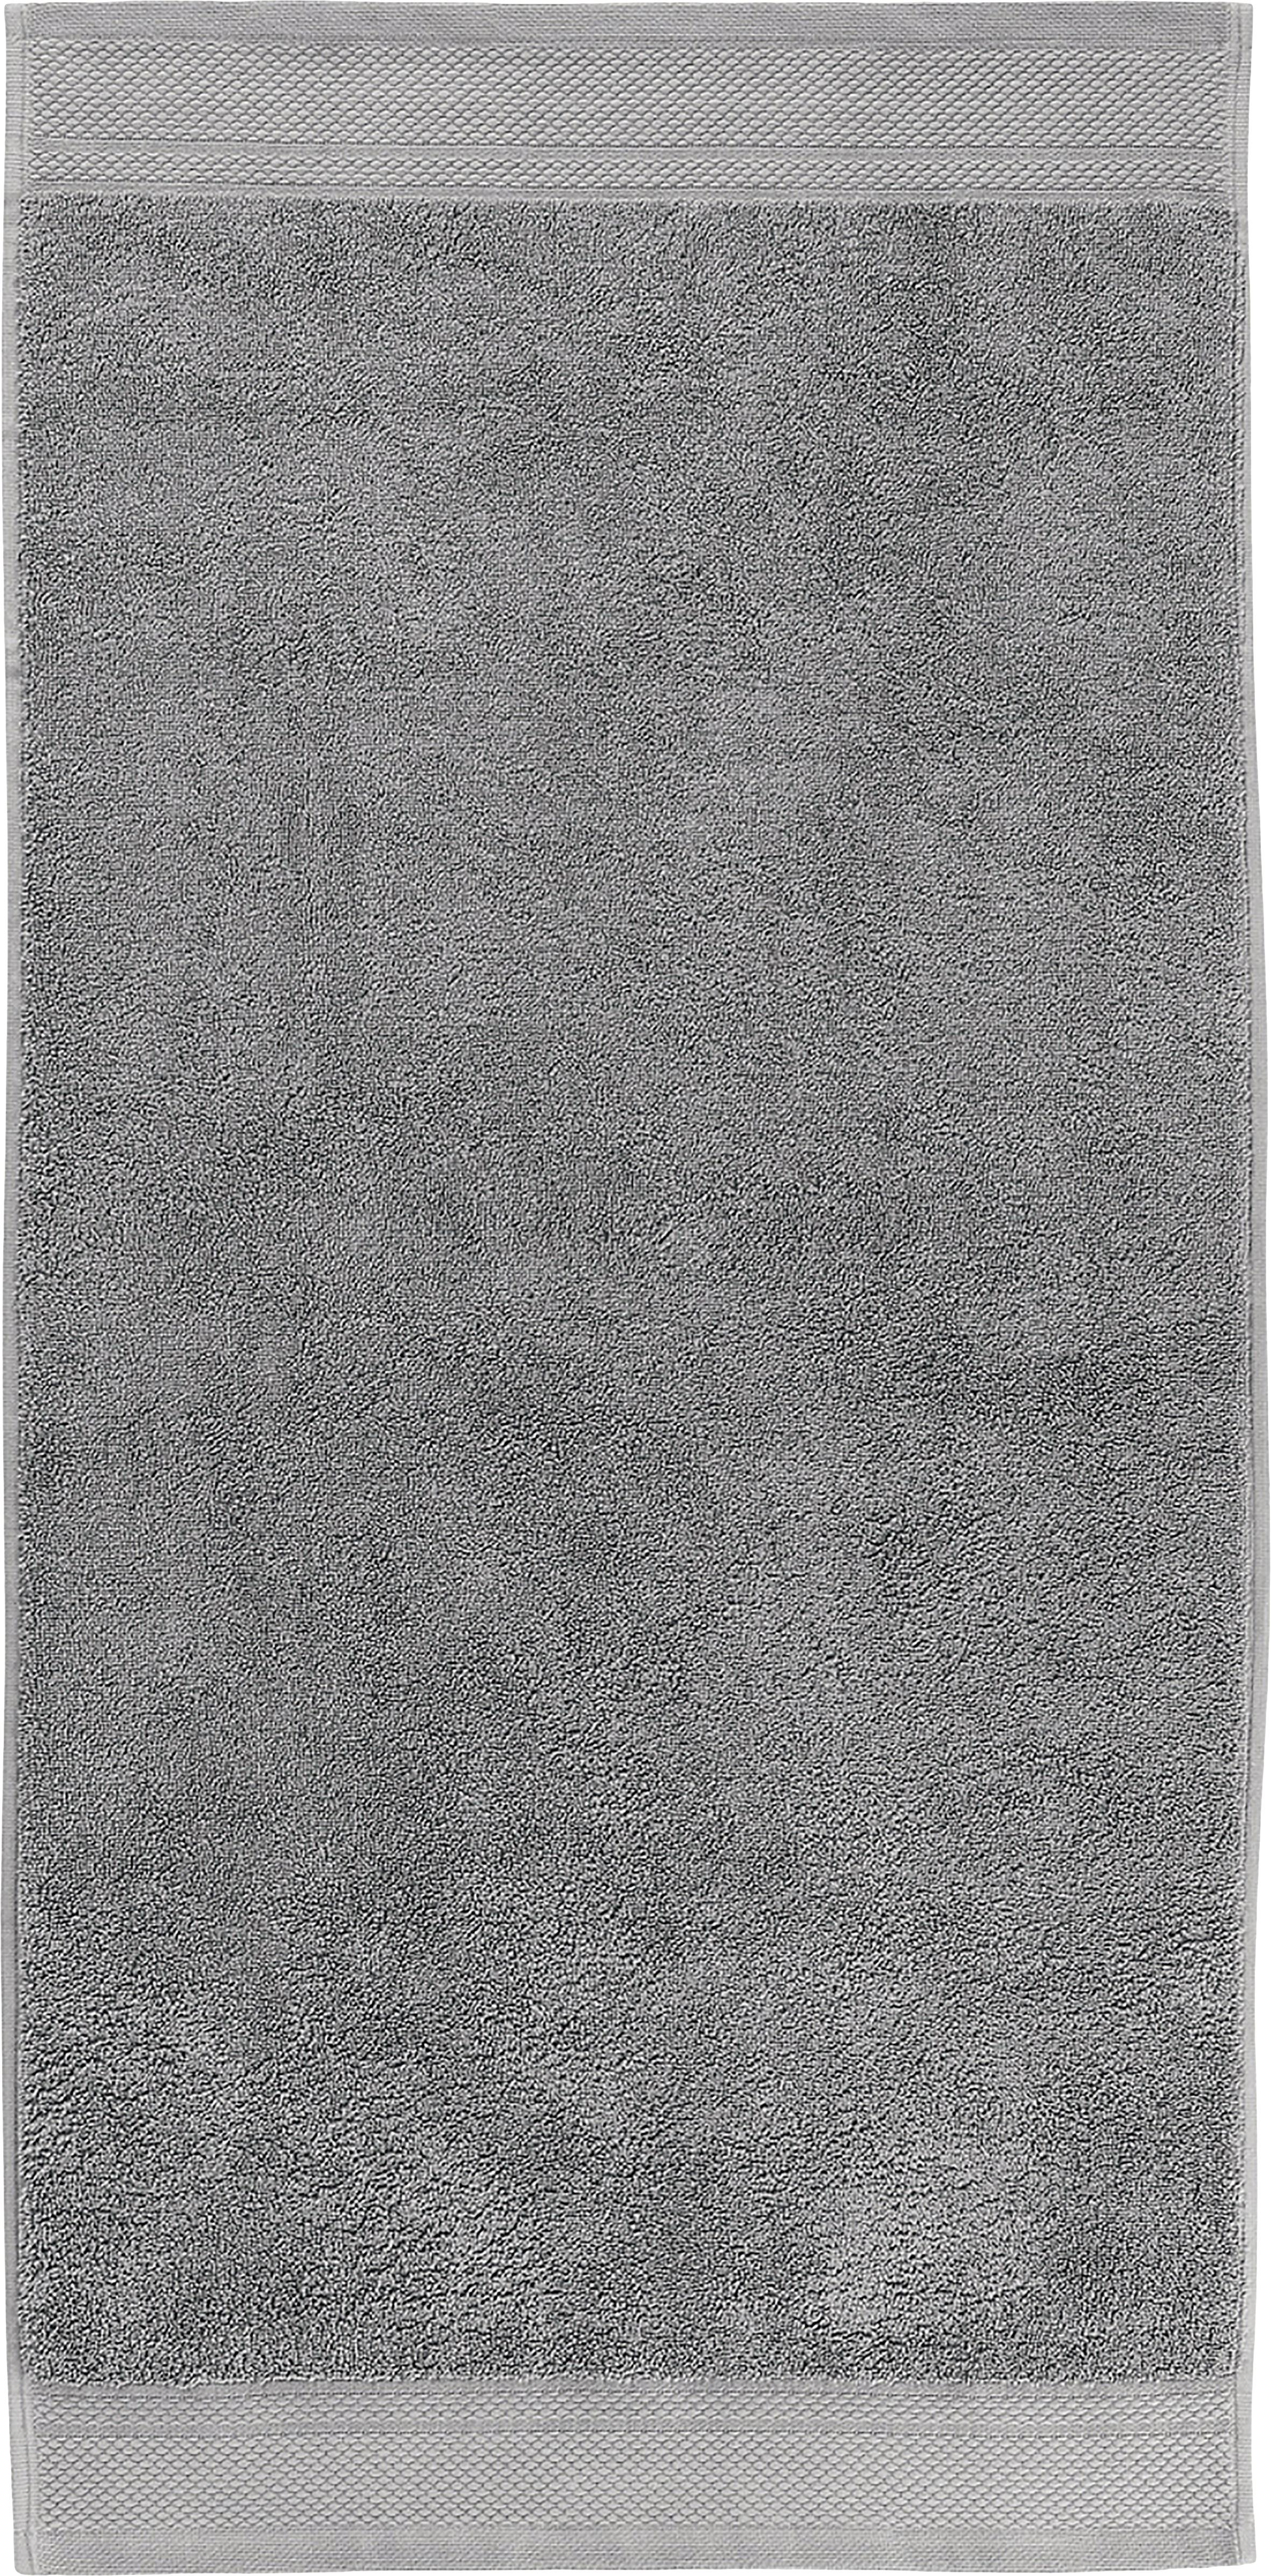 Handtuch-Set Premium mit klassischer Zierbordüre, 3-tlg., Dunkelgrau, Verschiedene Grössen